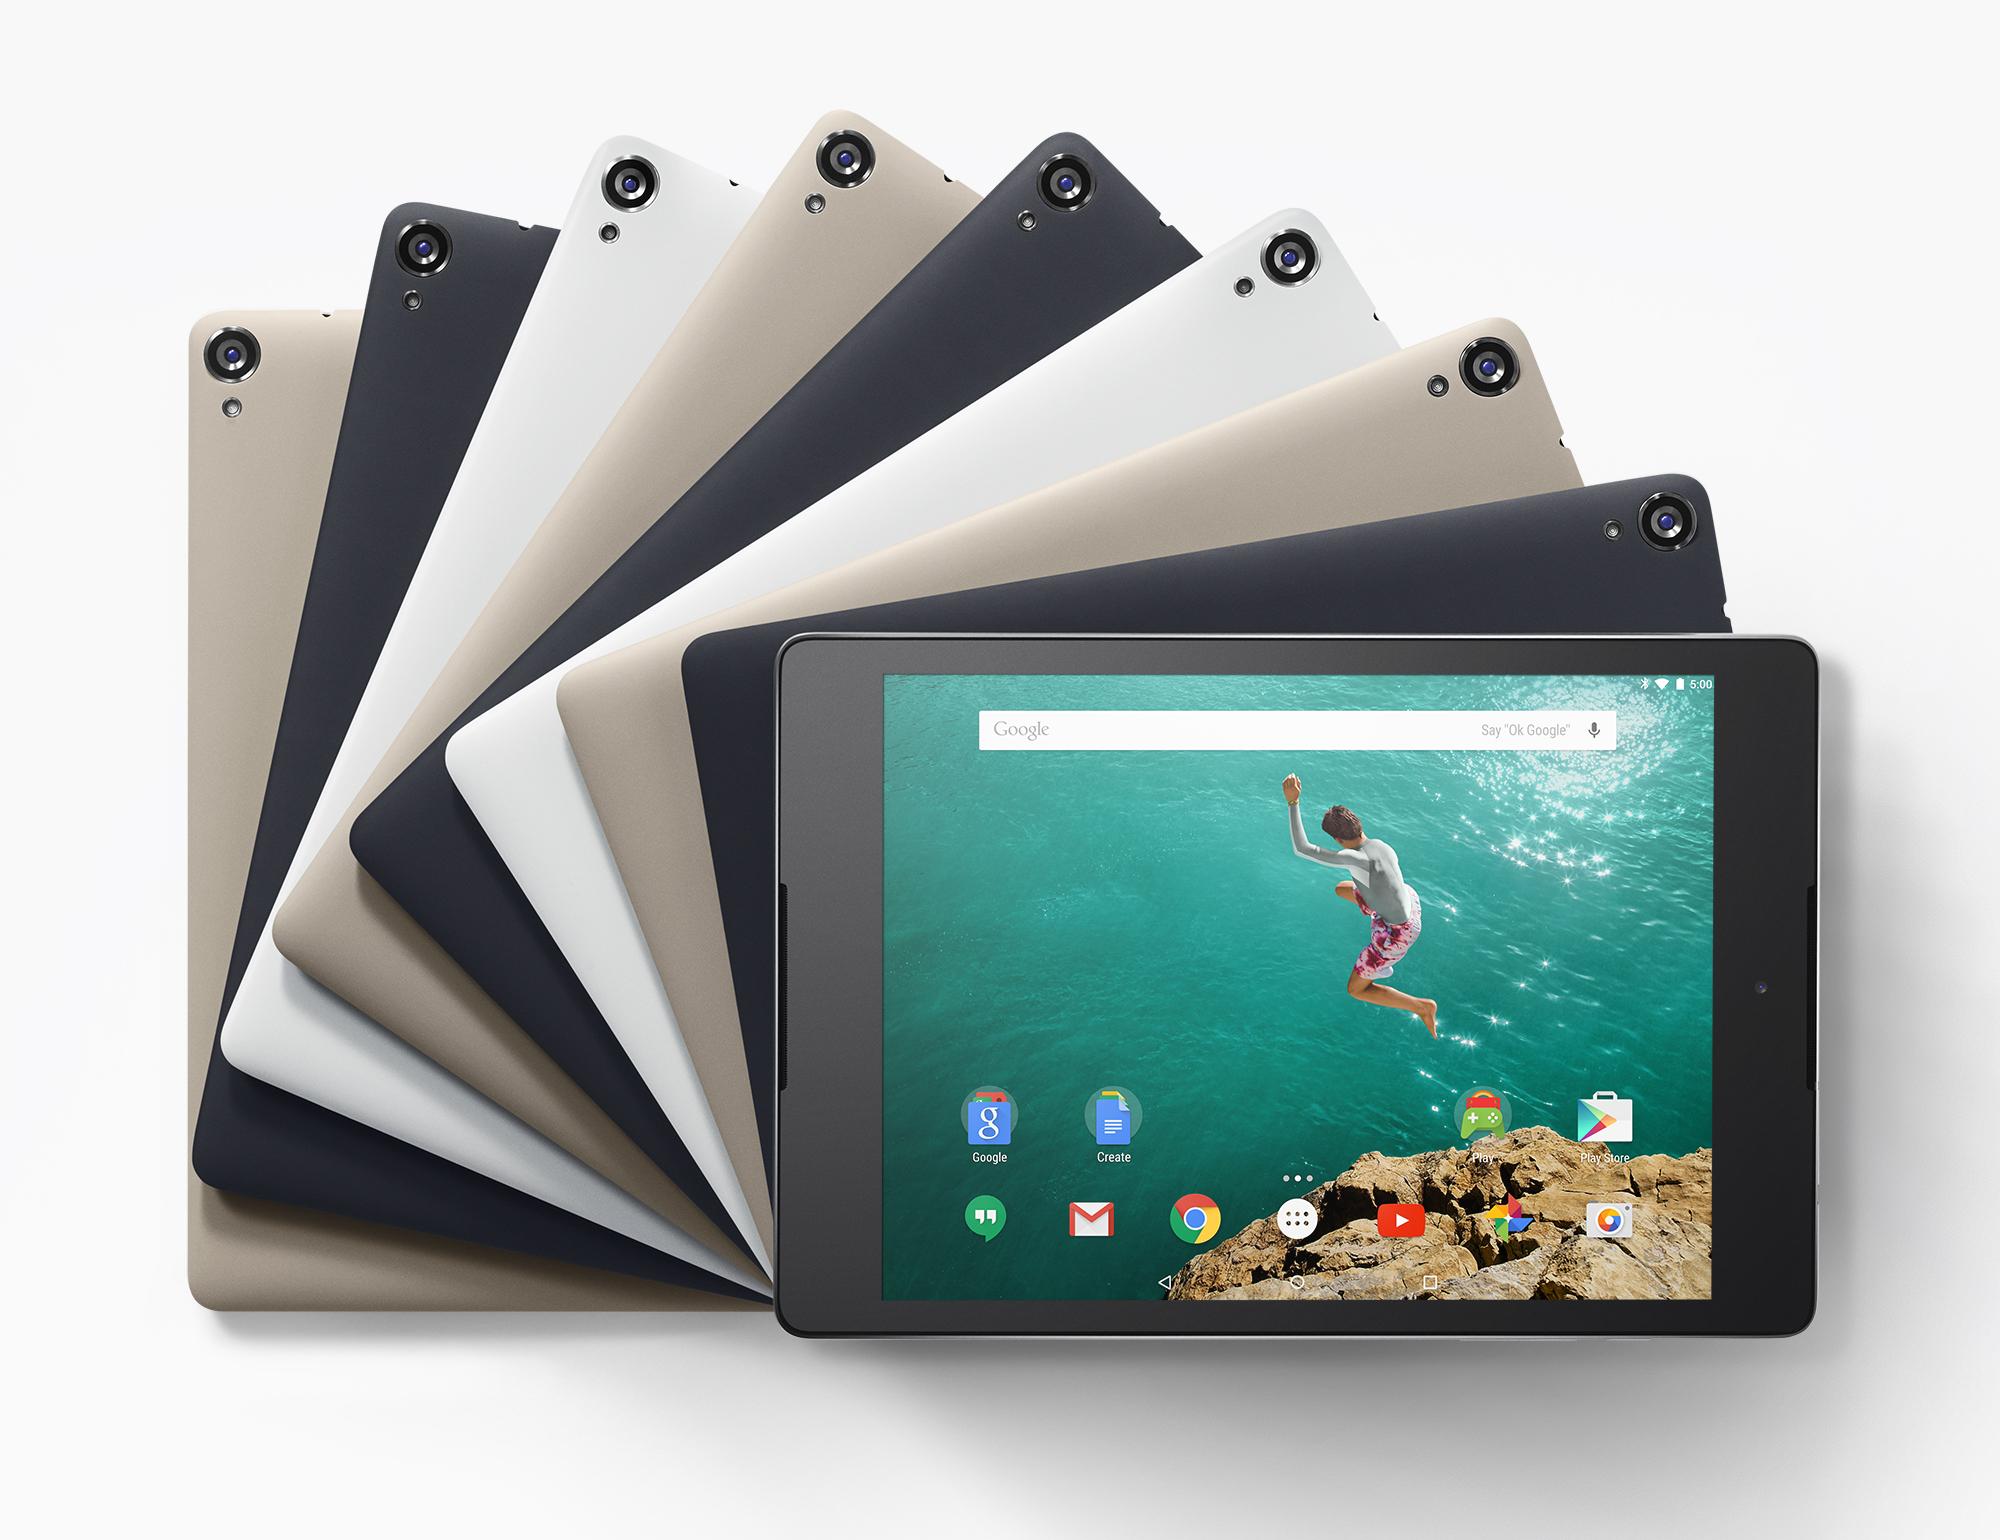 Specifiche tecniche Nexus 9